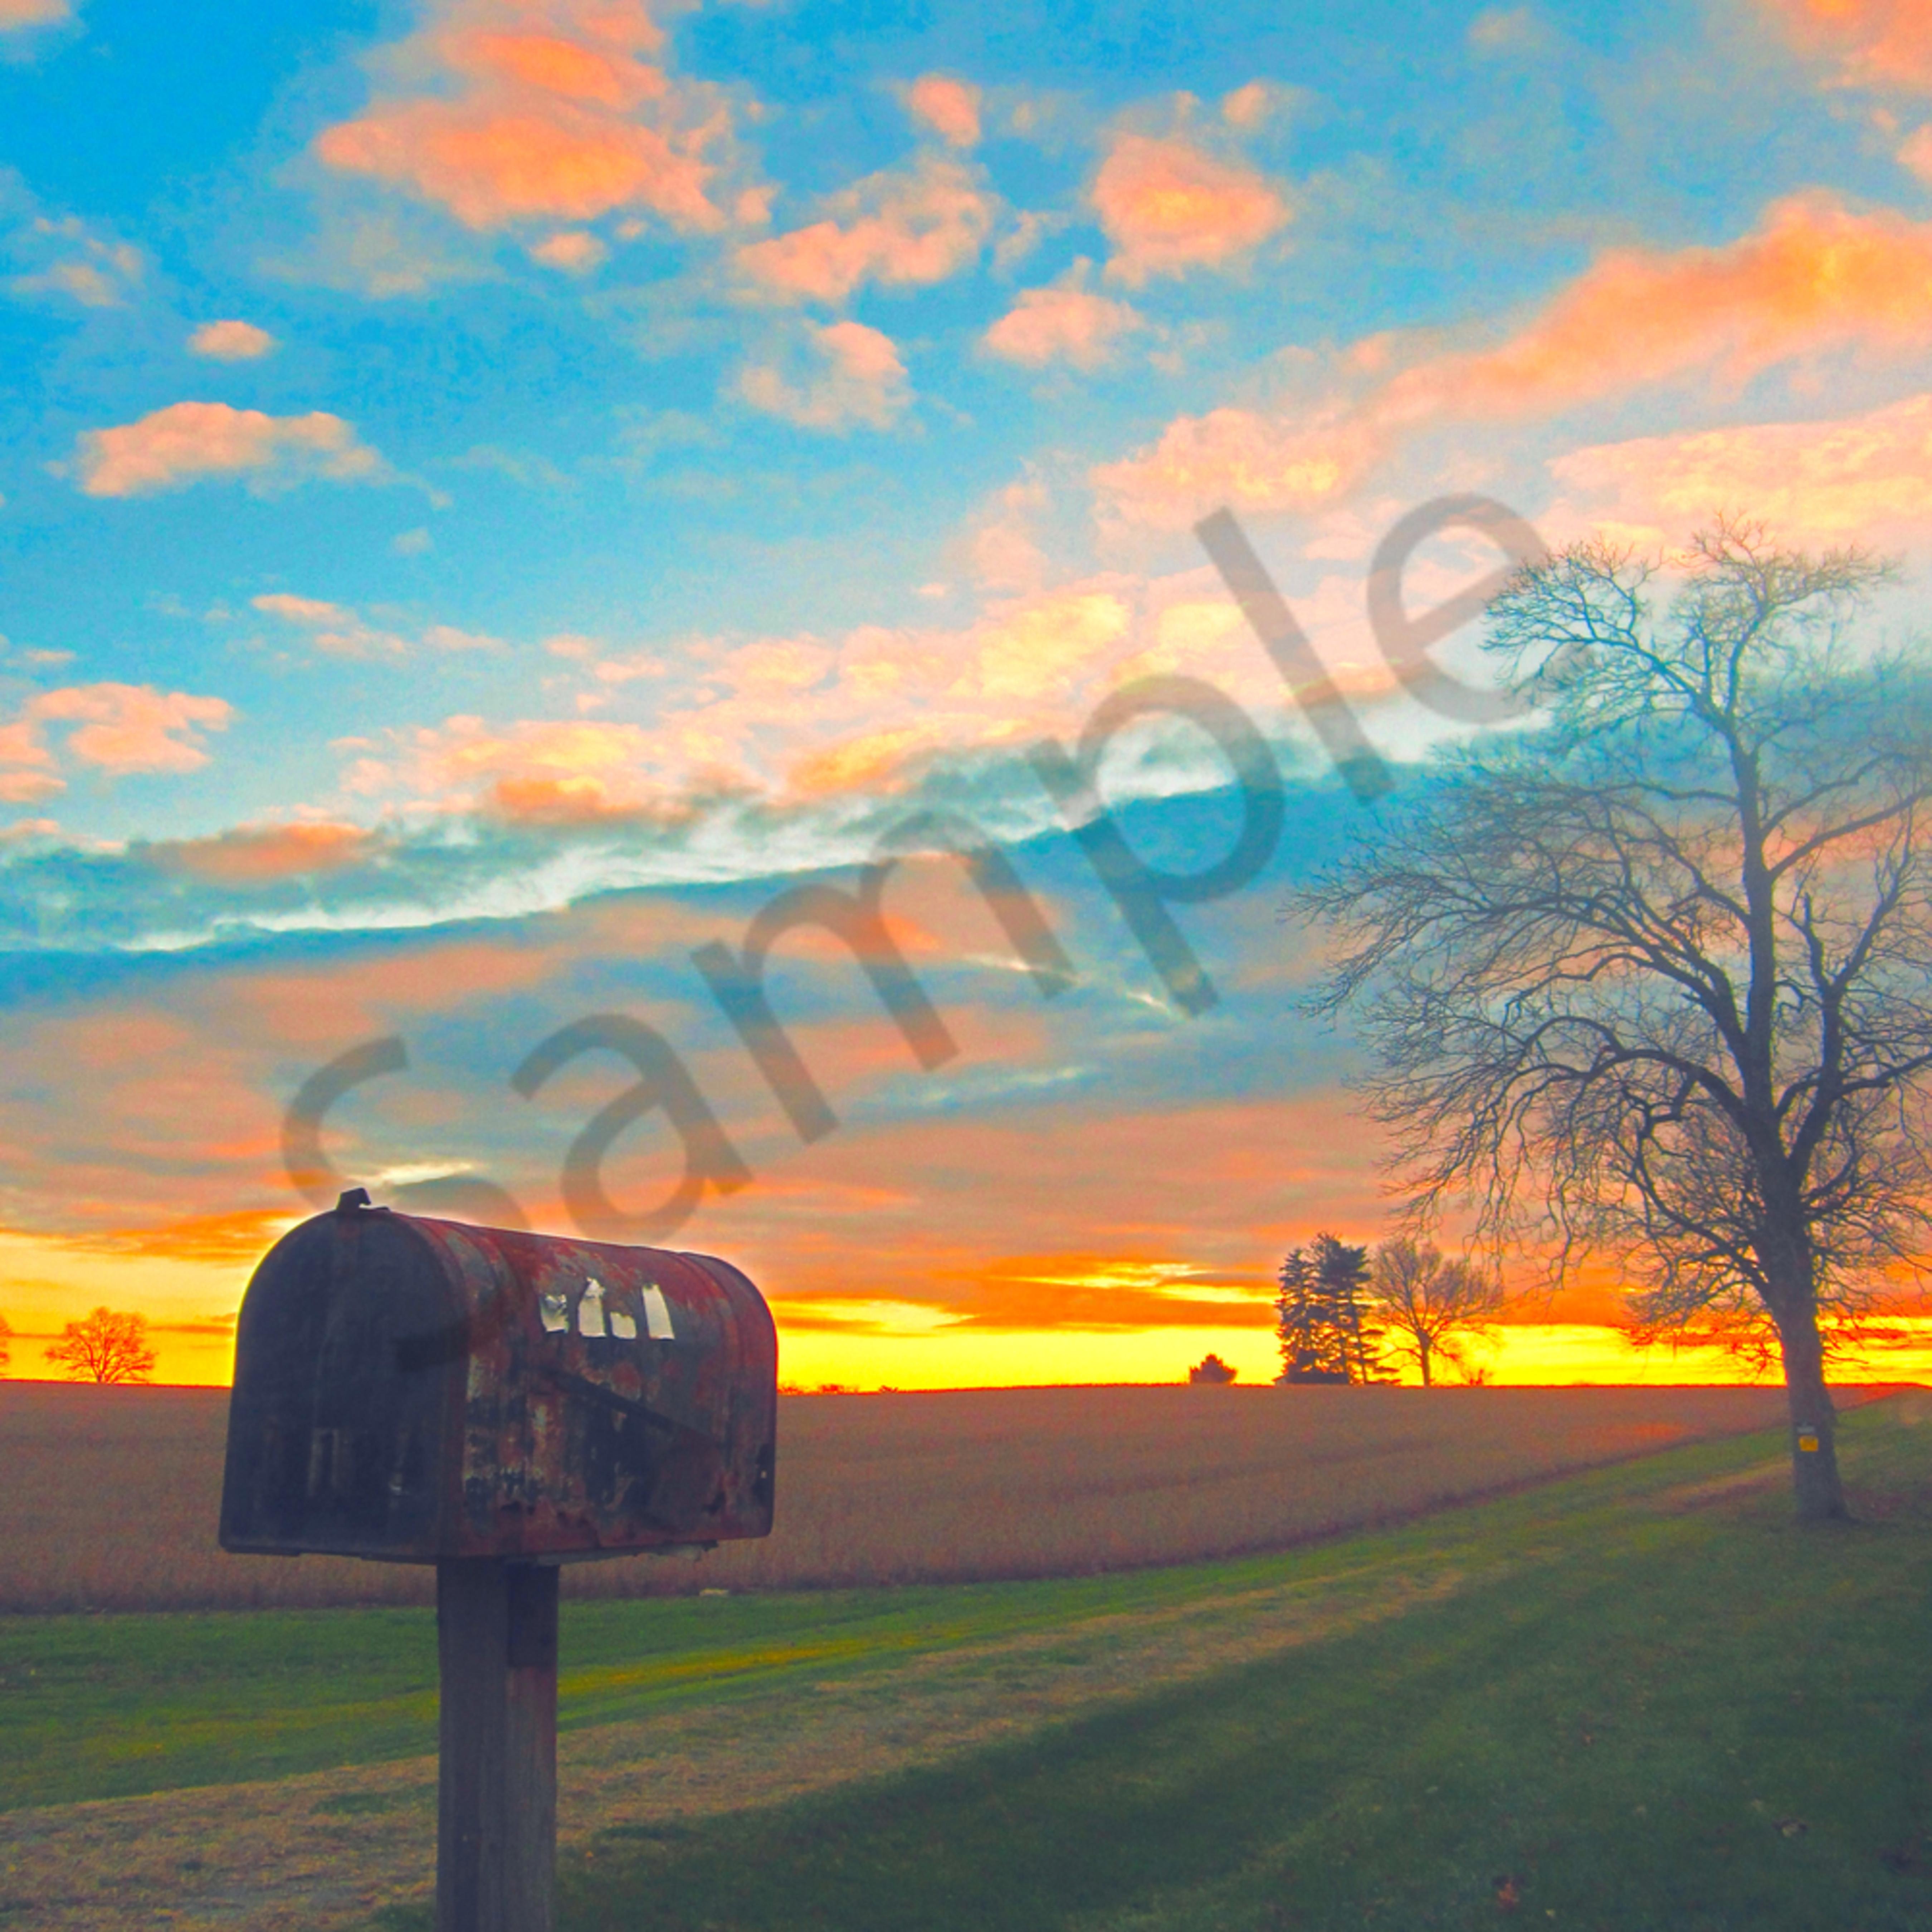 Old mailbox and sky website flhudj